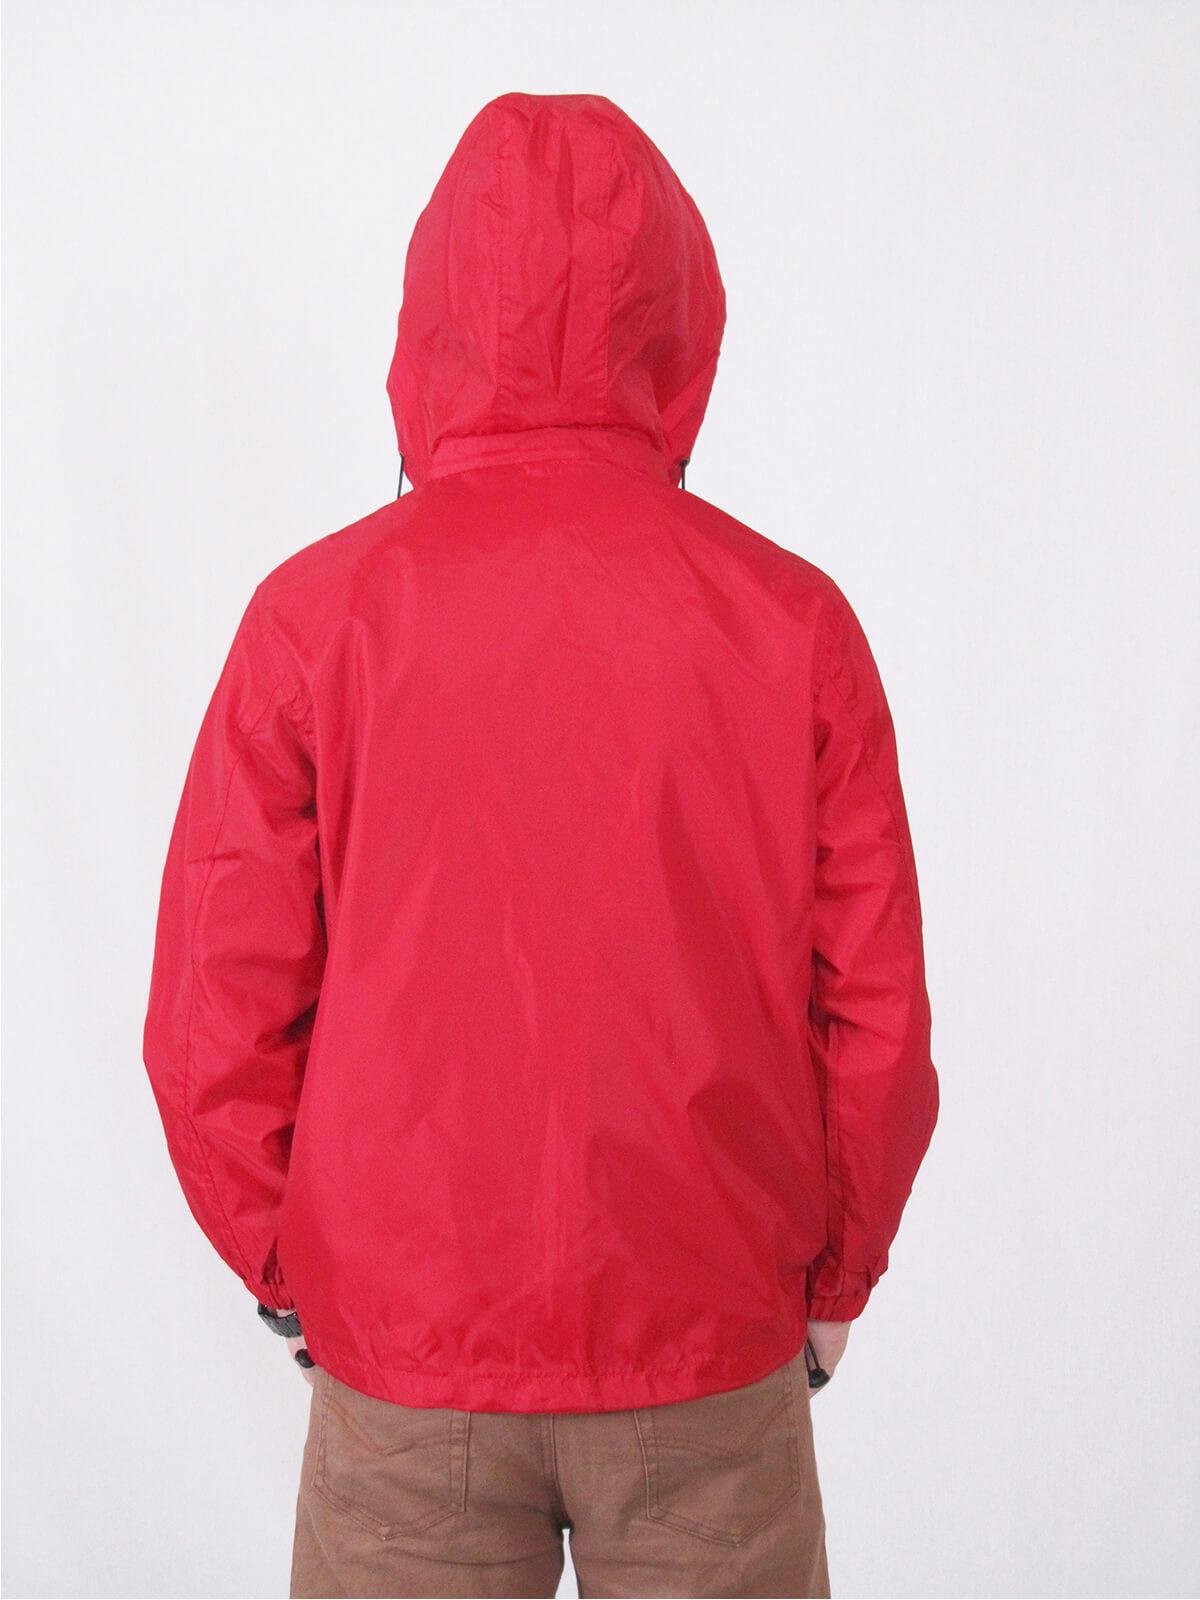 加大尺碼抗紫外線防曬薄外套 防風防潑水休閒外套 抗UV機能布料素面外套 遮陽外套 附帽可拆 風衣外套 輕量薄外套 ANTI-UV THIN COAT JACKET (321-8816-01)黑色、(321-8816-02)深藍色、(321-8816-03)紅色 M L XL 2L 3L 4L 5L(胸圍:45~57英吋) [實體店面保障] sun-e 6